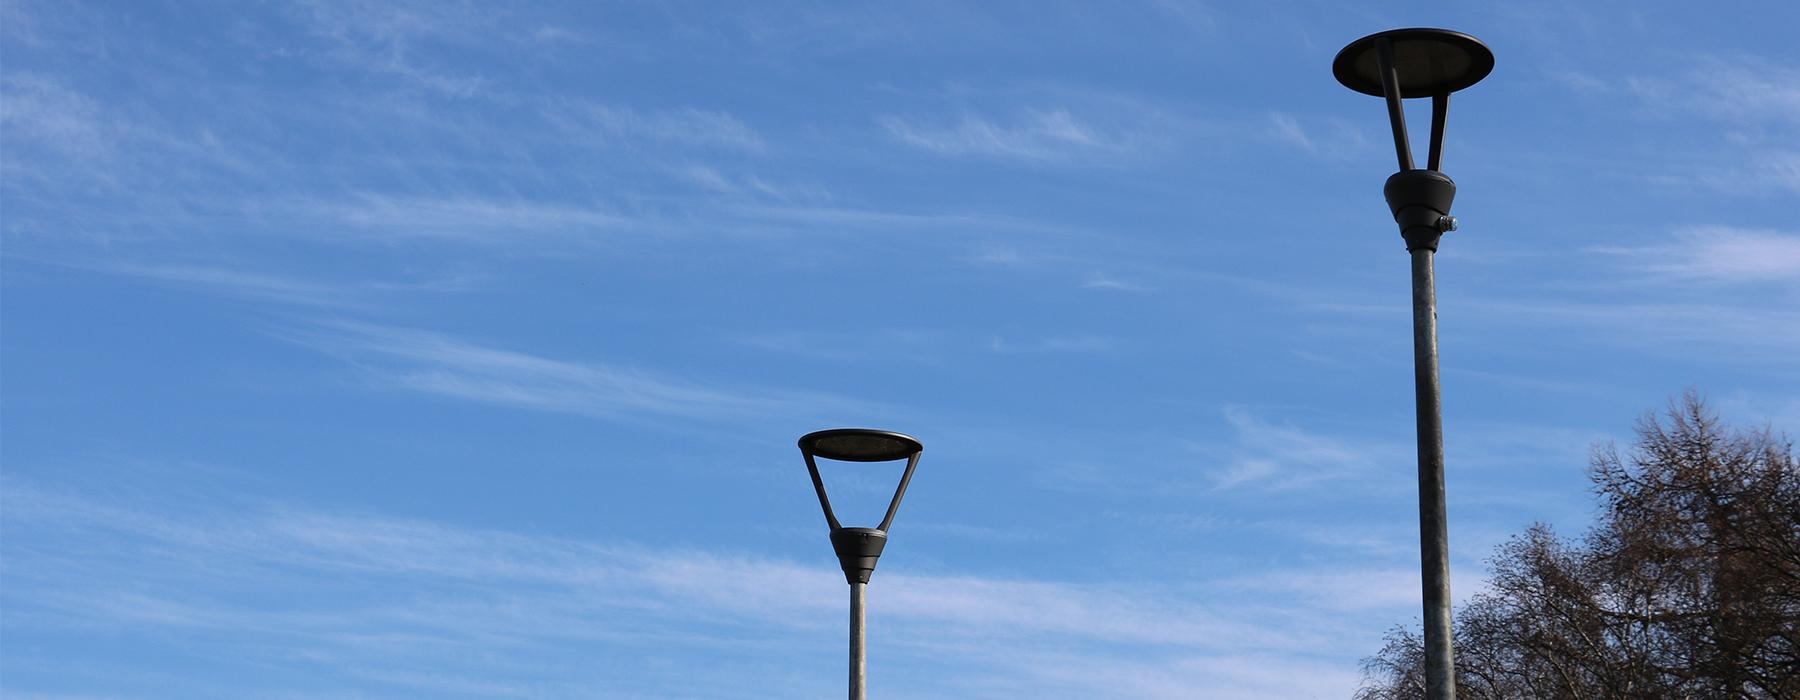 Vejbelysning til Tårnby Kommune